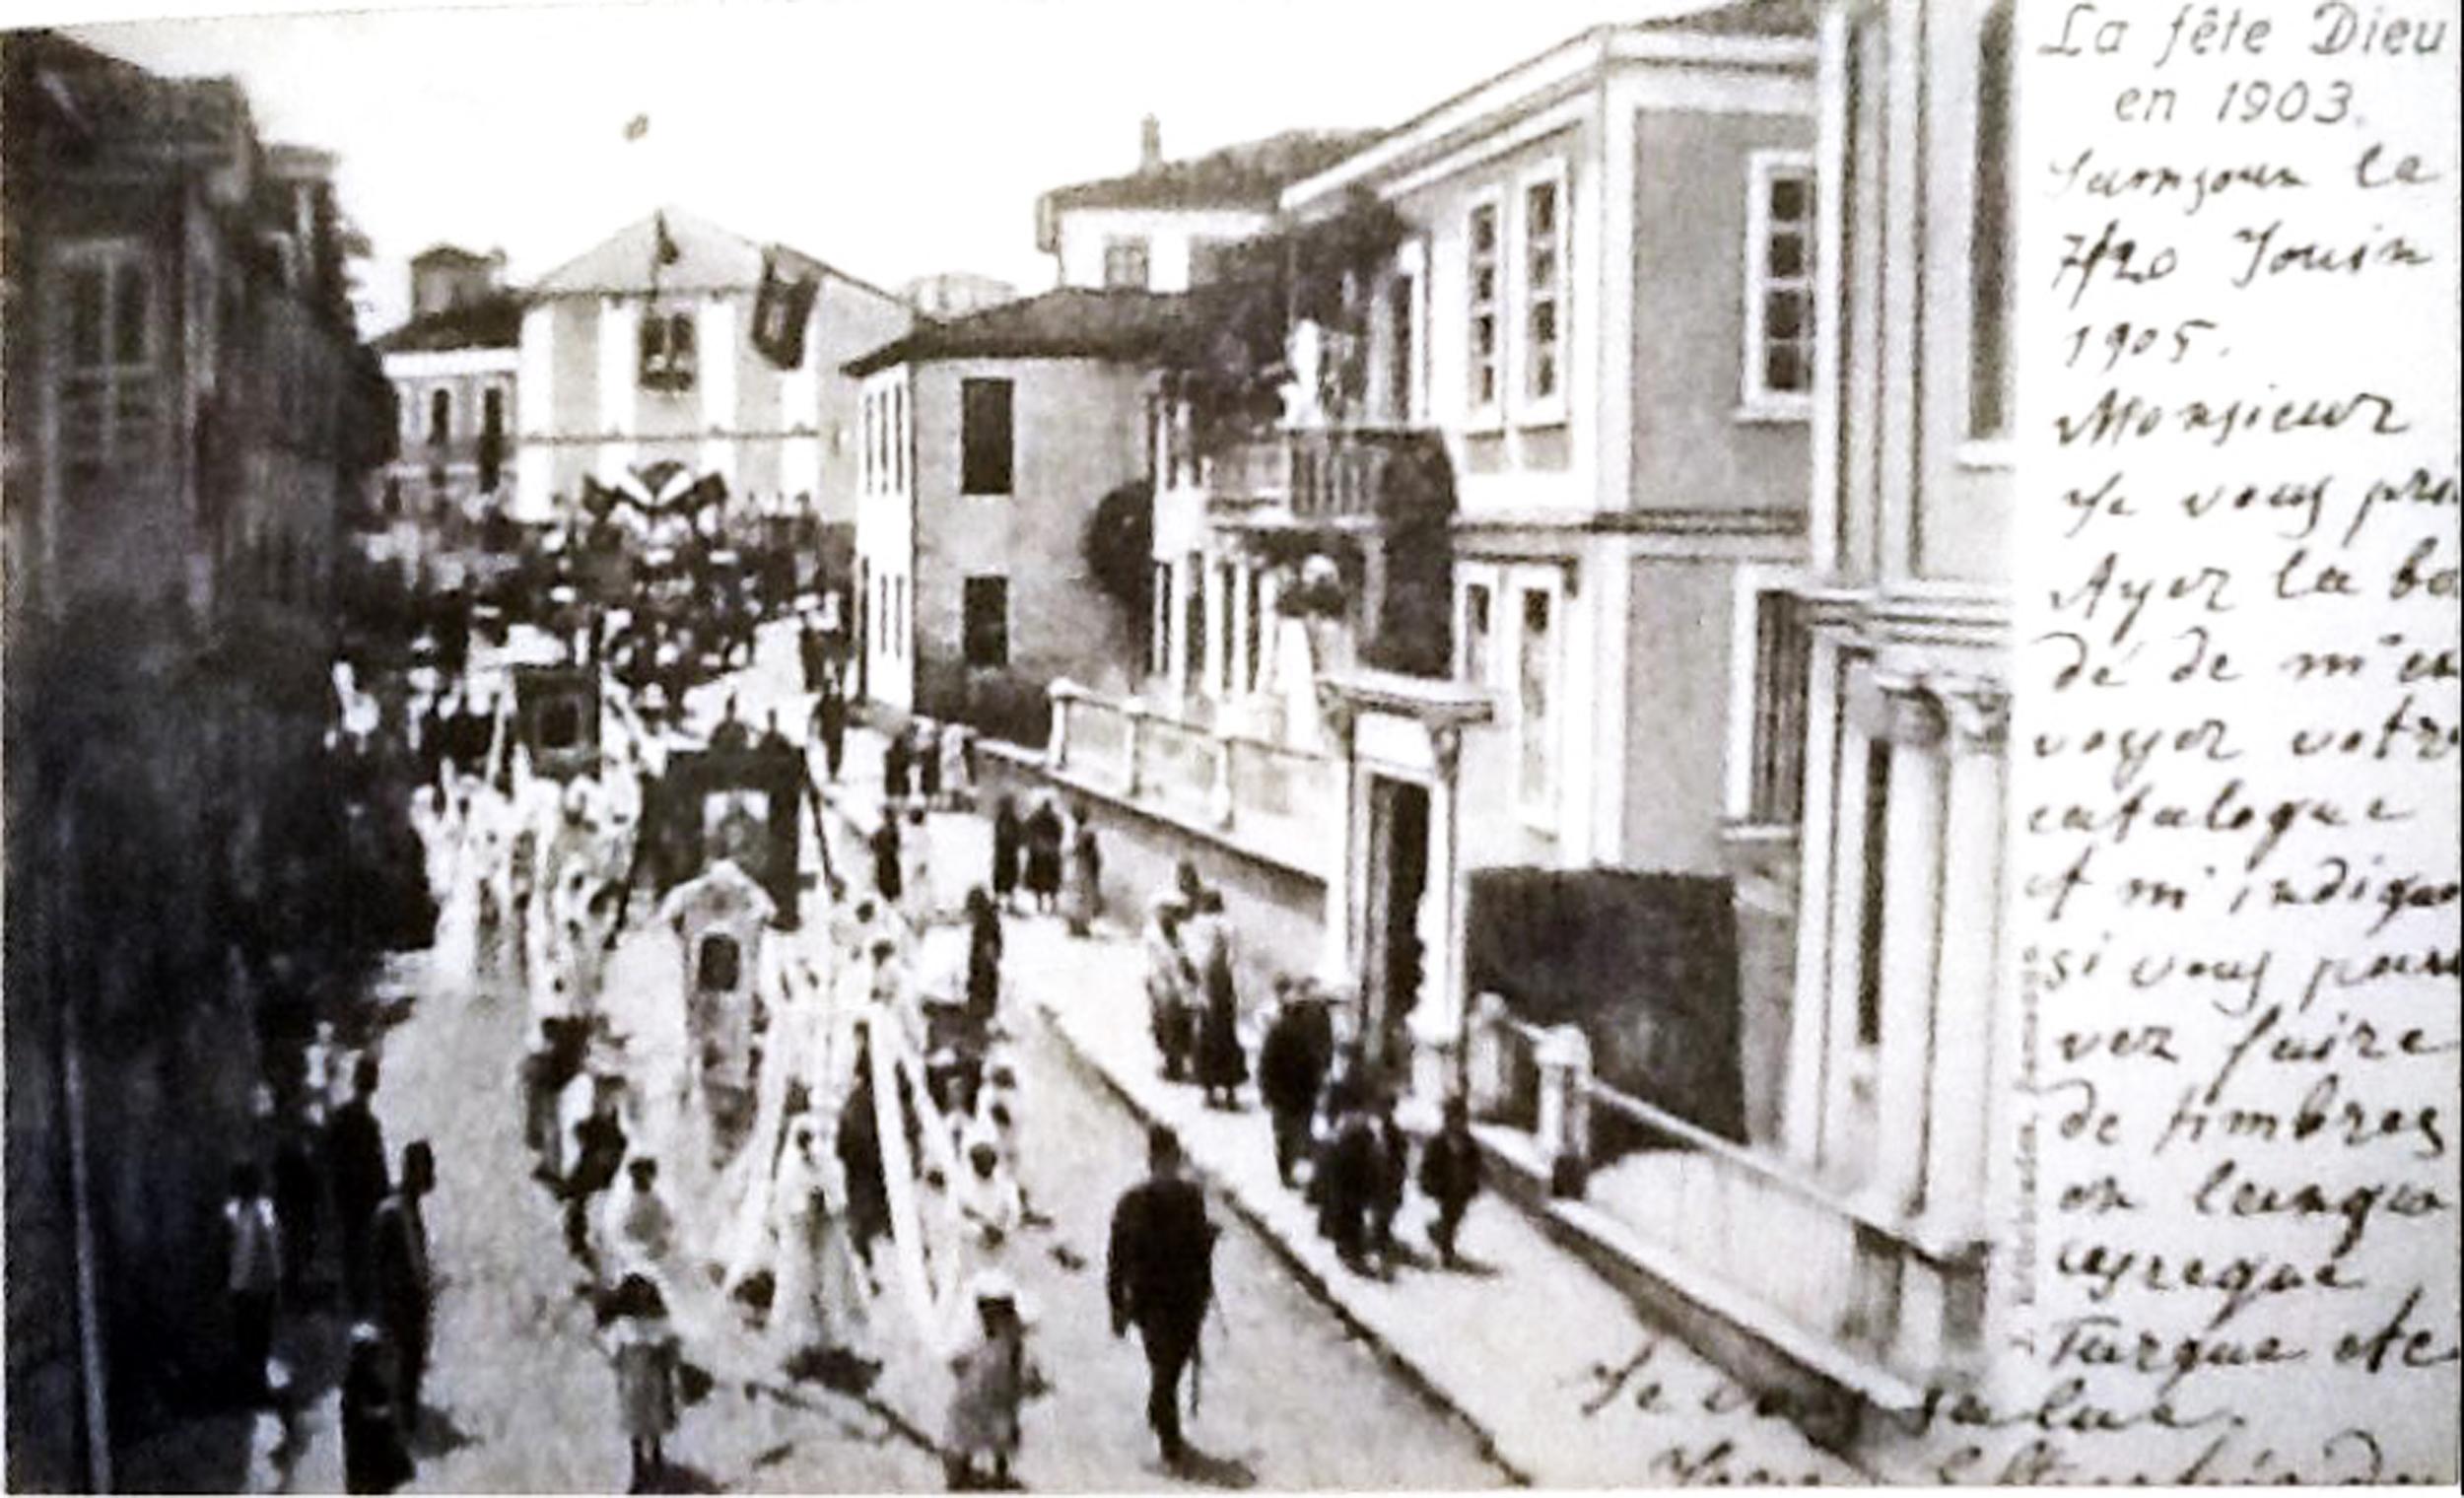 Samsun Katolik Hıristiyan Corpus Christi Kutlaması 1903.jpg